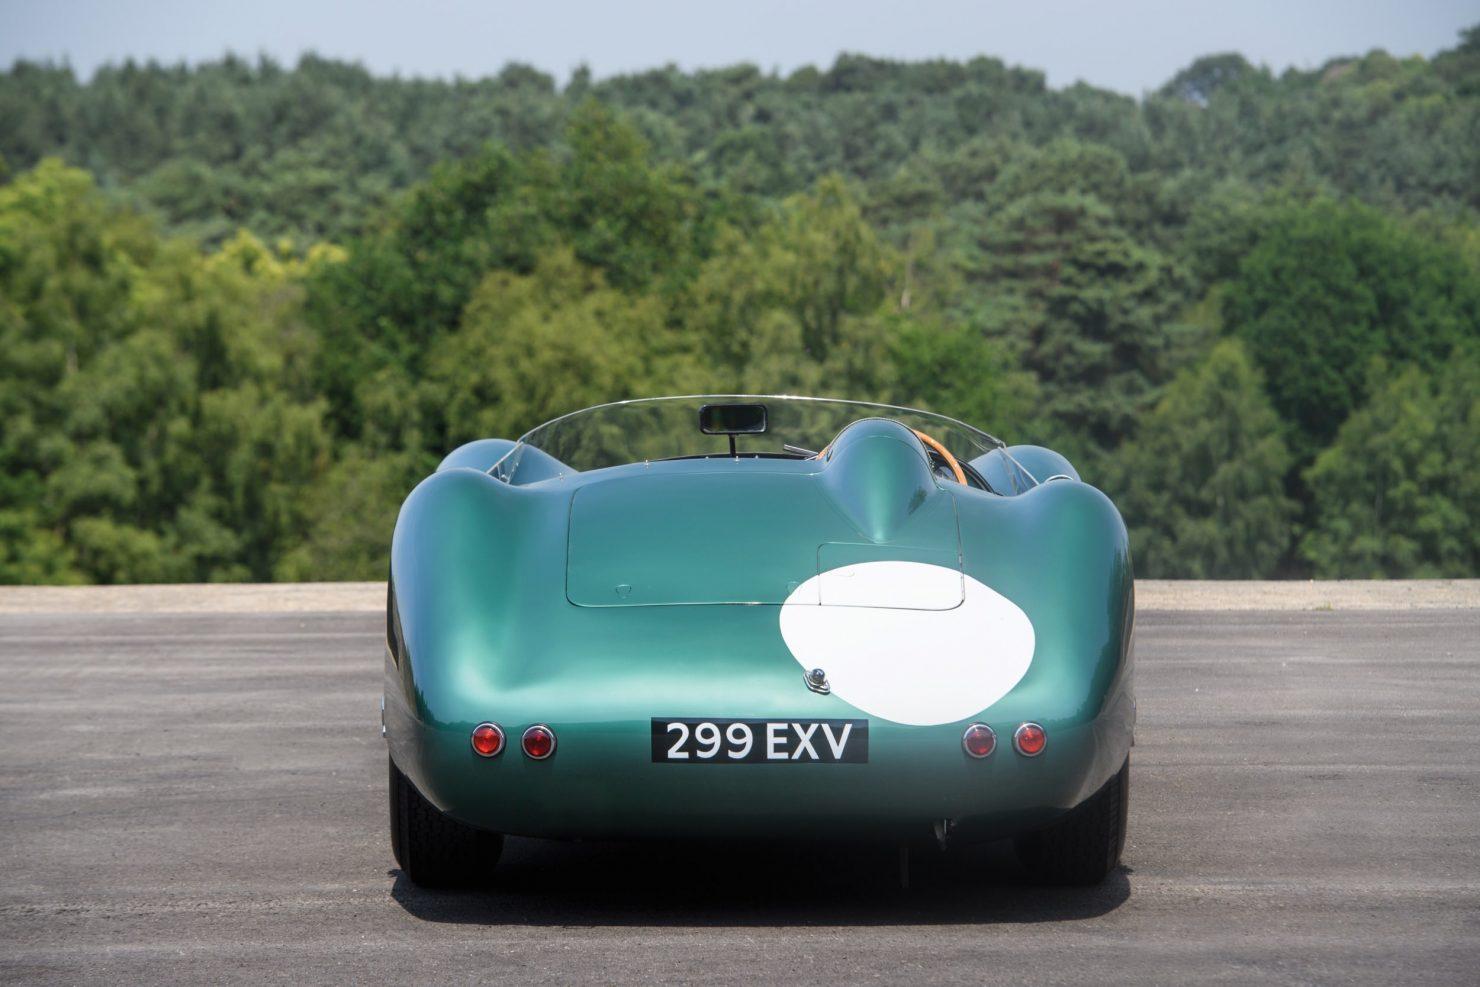 aston martin dbr1 7 1480x987 - 1956 Aston Martin DBR1